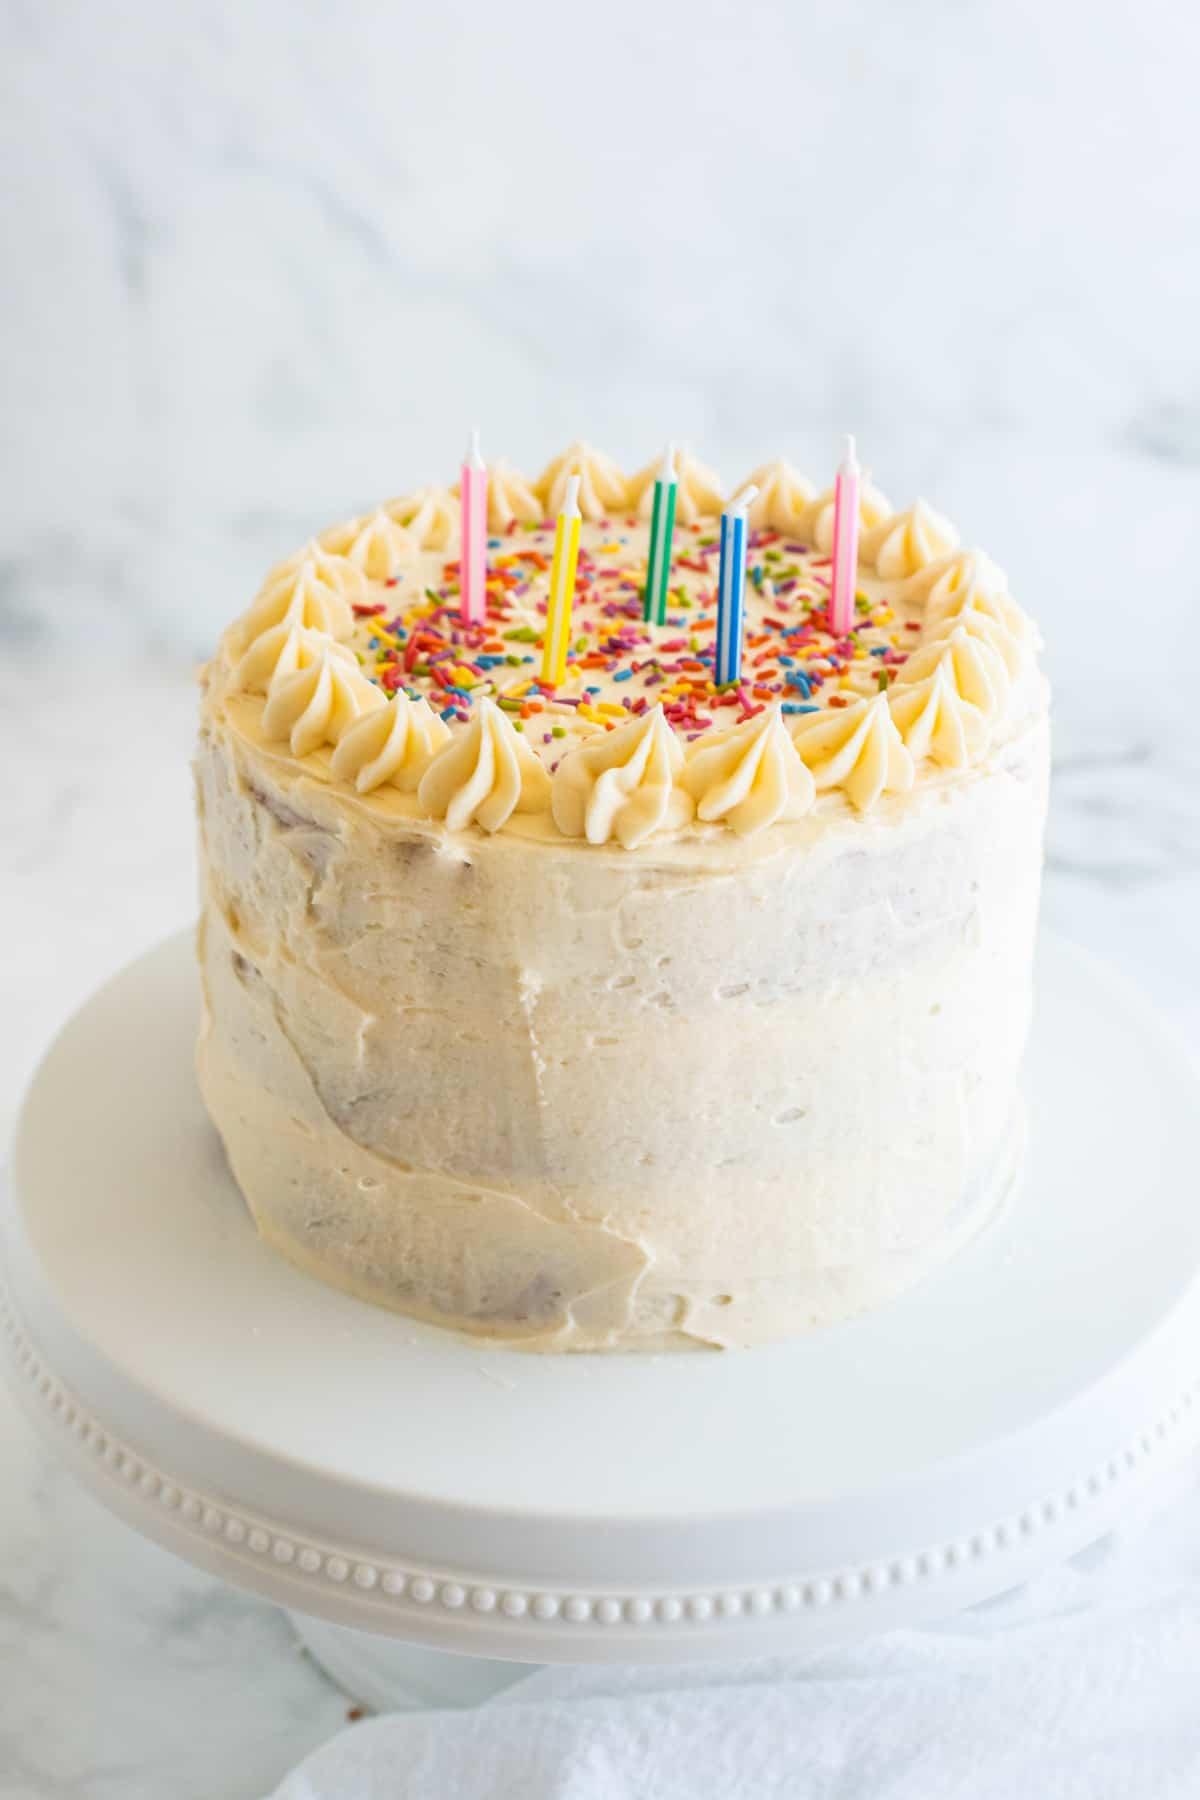 eine Torte mit Zucker Frosting und Streuseln auf einer weißen Kuchenplatte